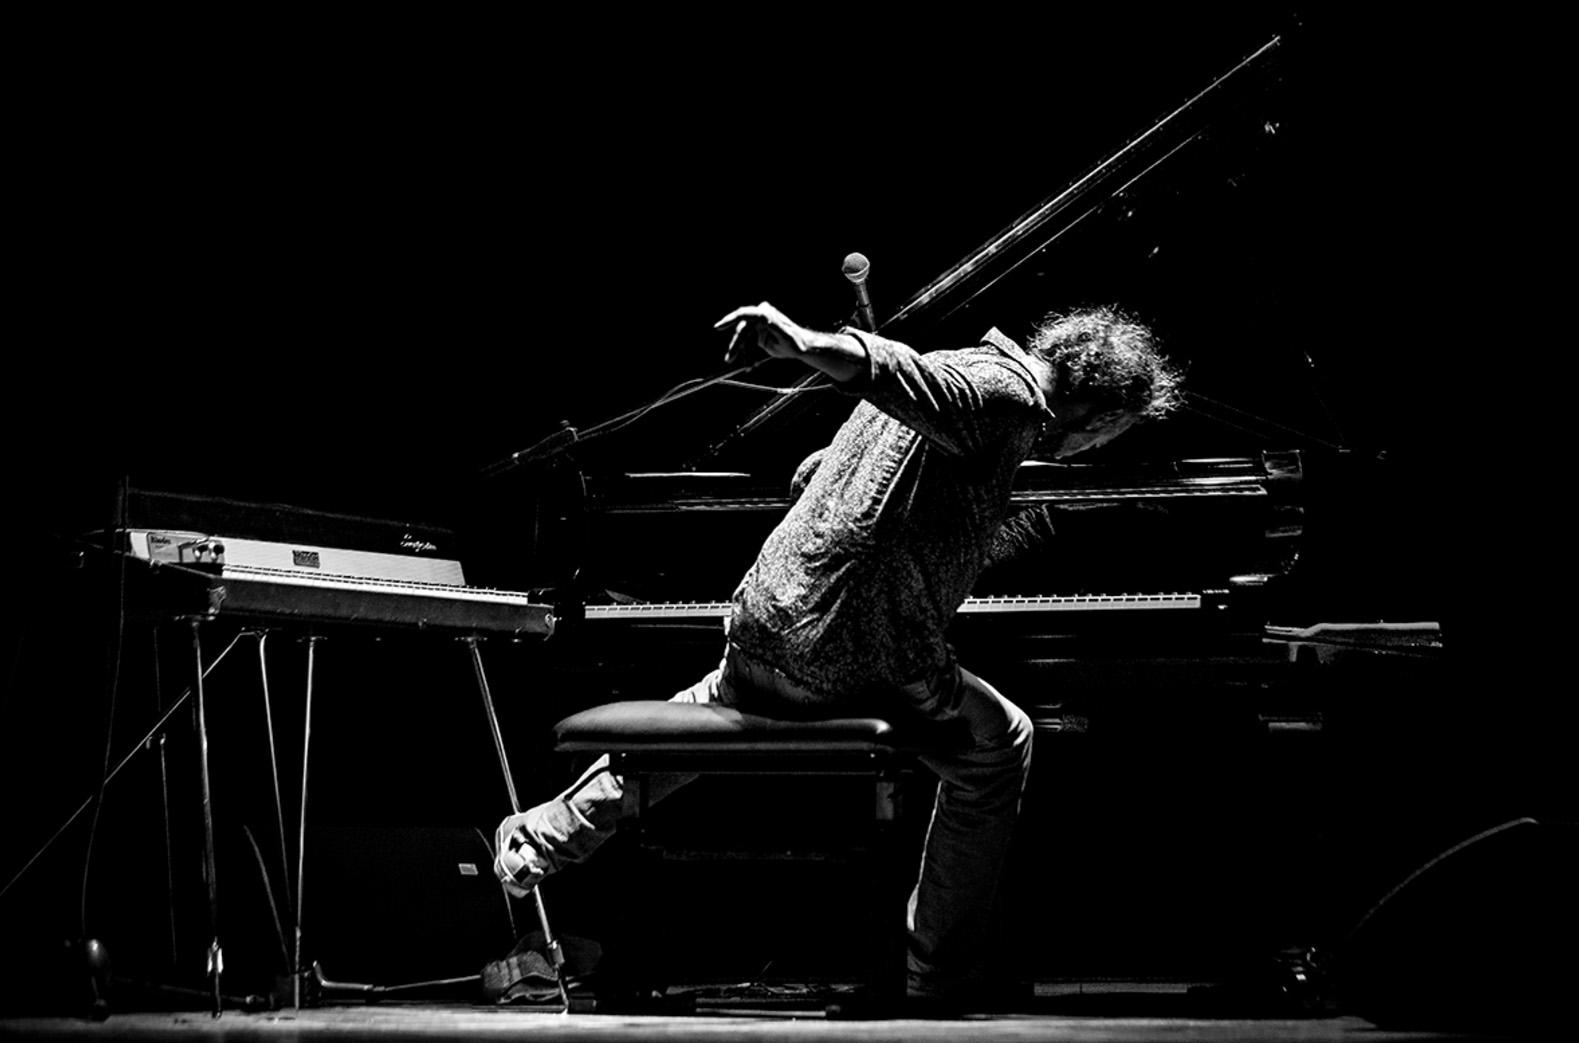 Третье место в фотоконкурсе Jazz World Photo 2017 - Италия